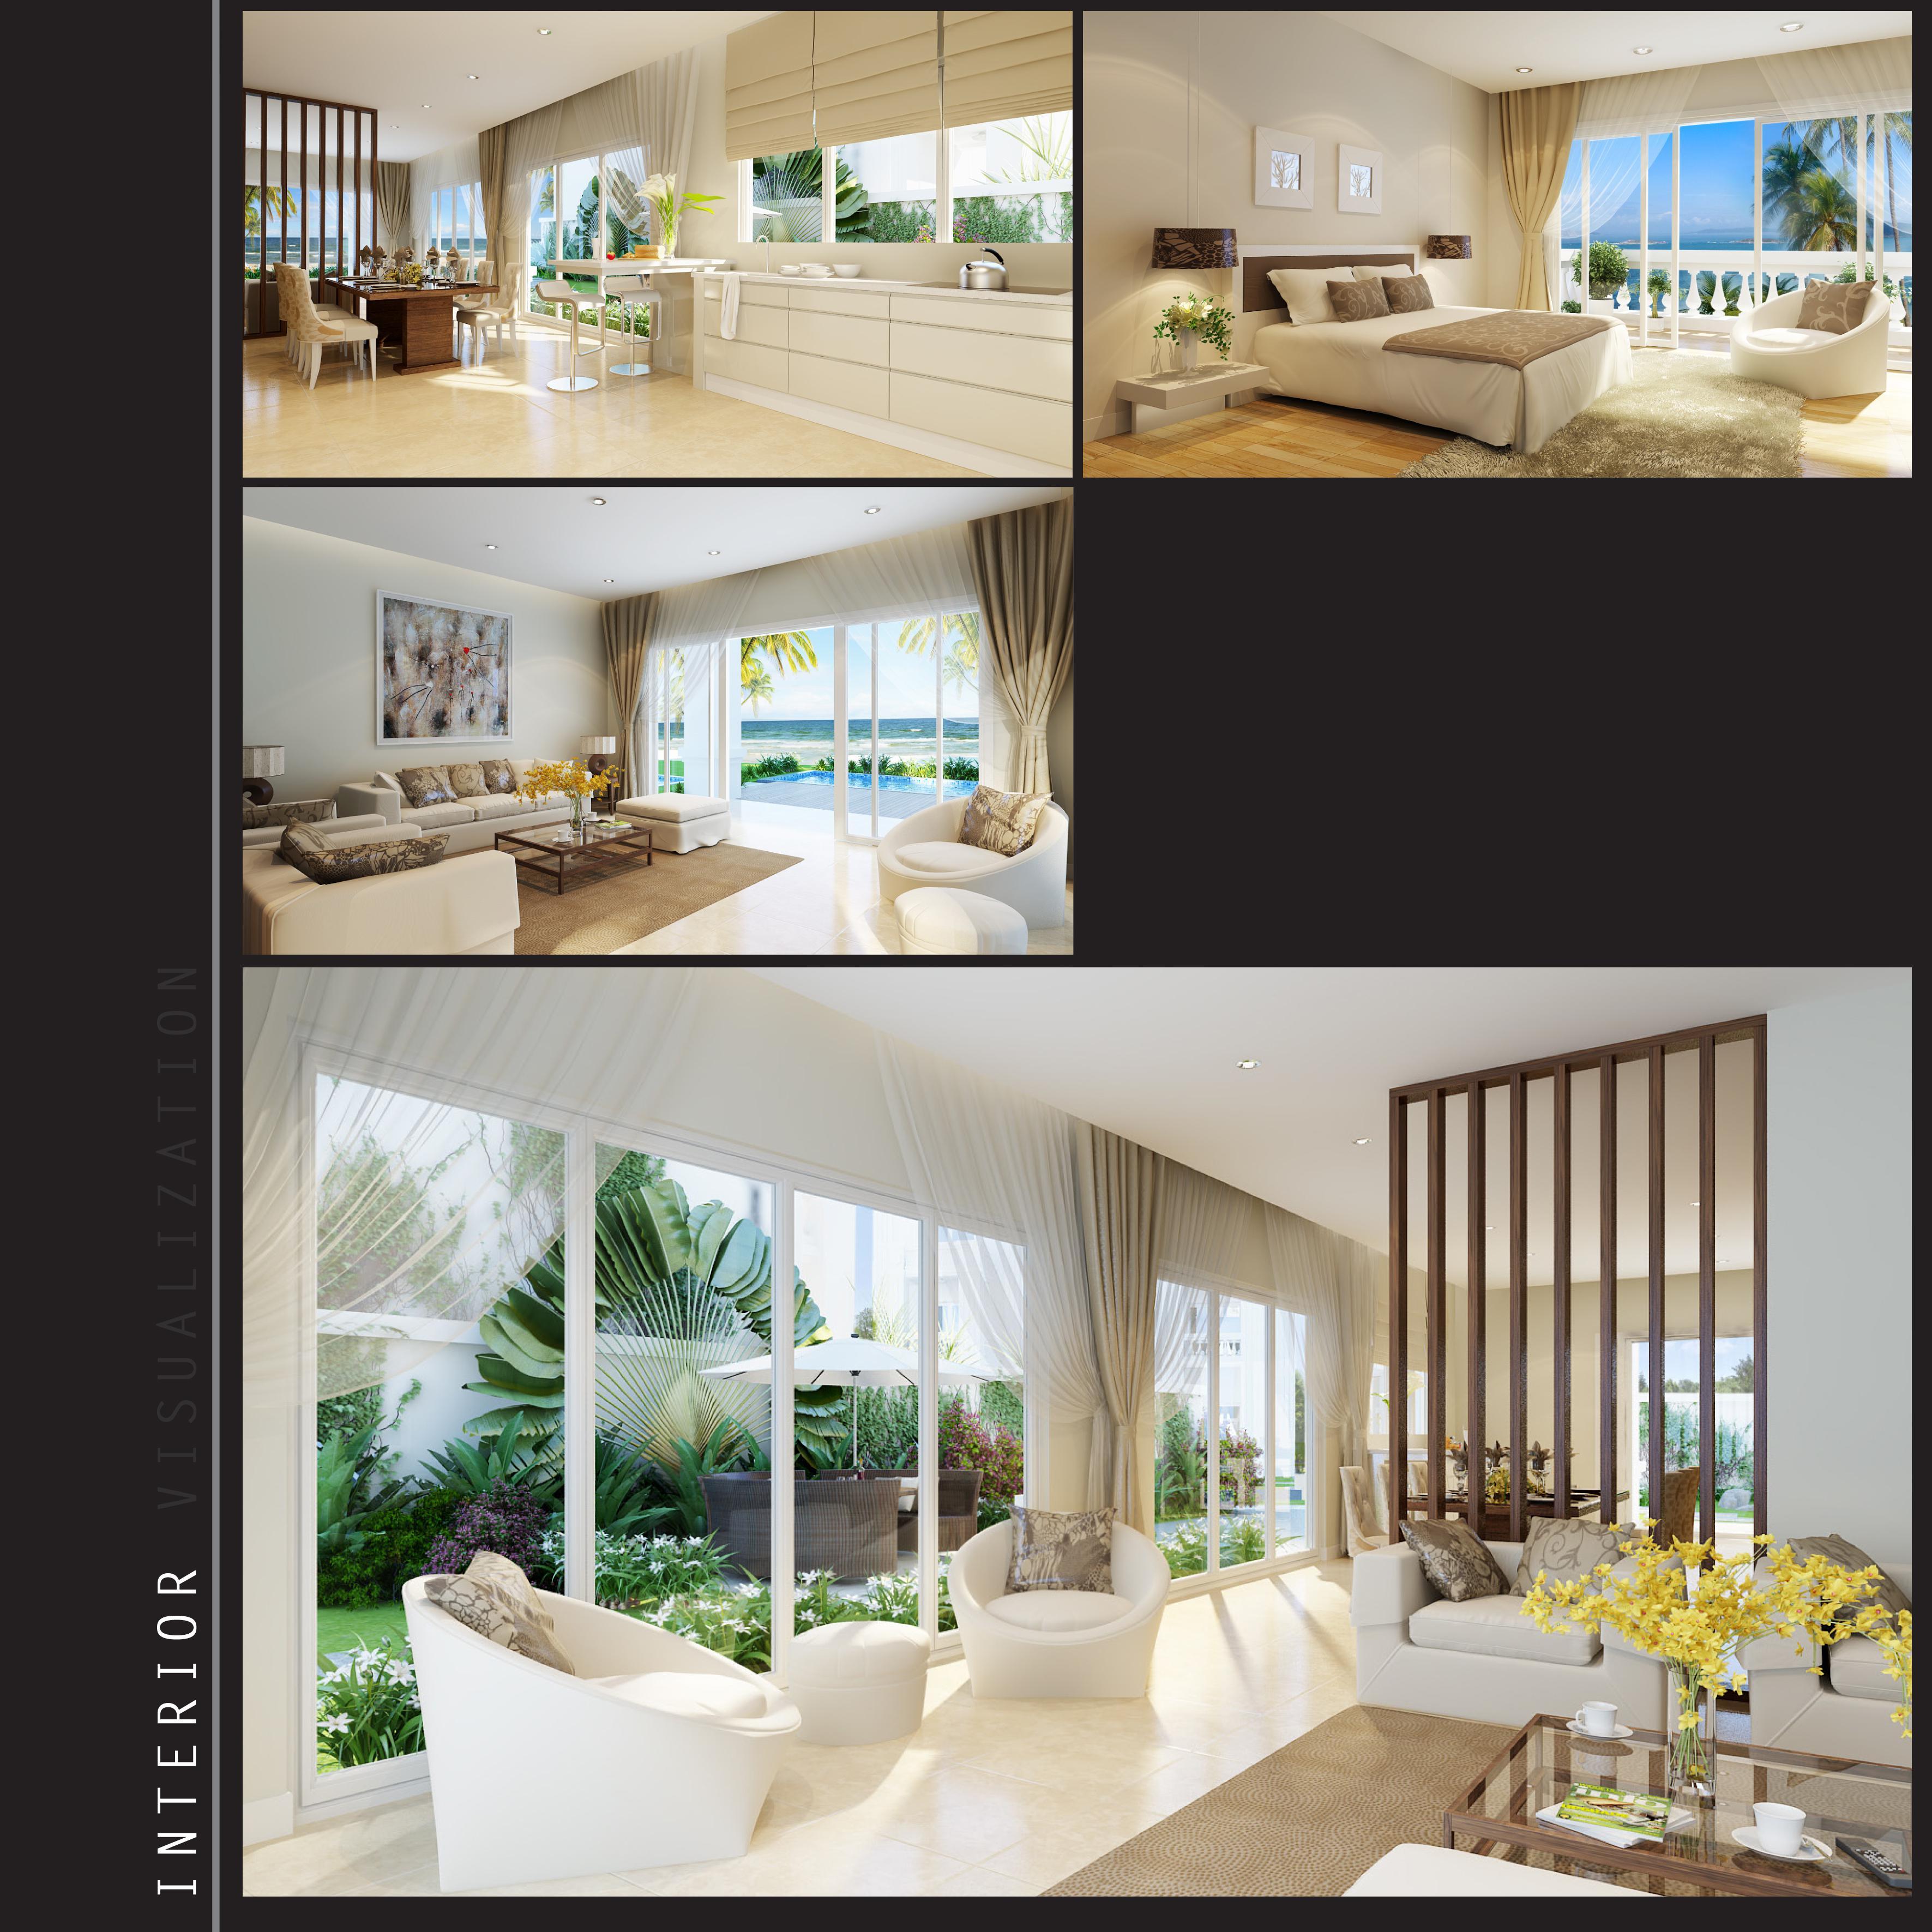 thiết kế nội thất chung cư tại Hồ Chí Minh CĂN HỘ TRẺ TRUNG TẠI CC SEASON MỖ LAO 4 1548664068